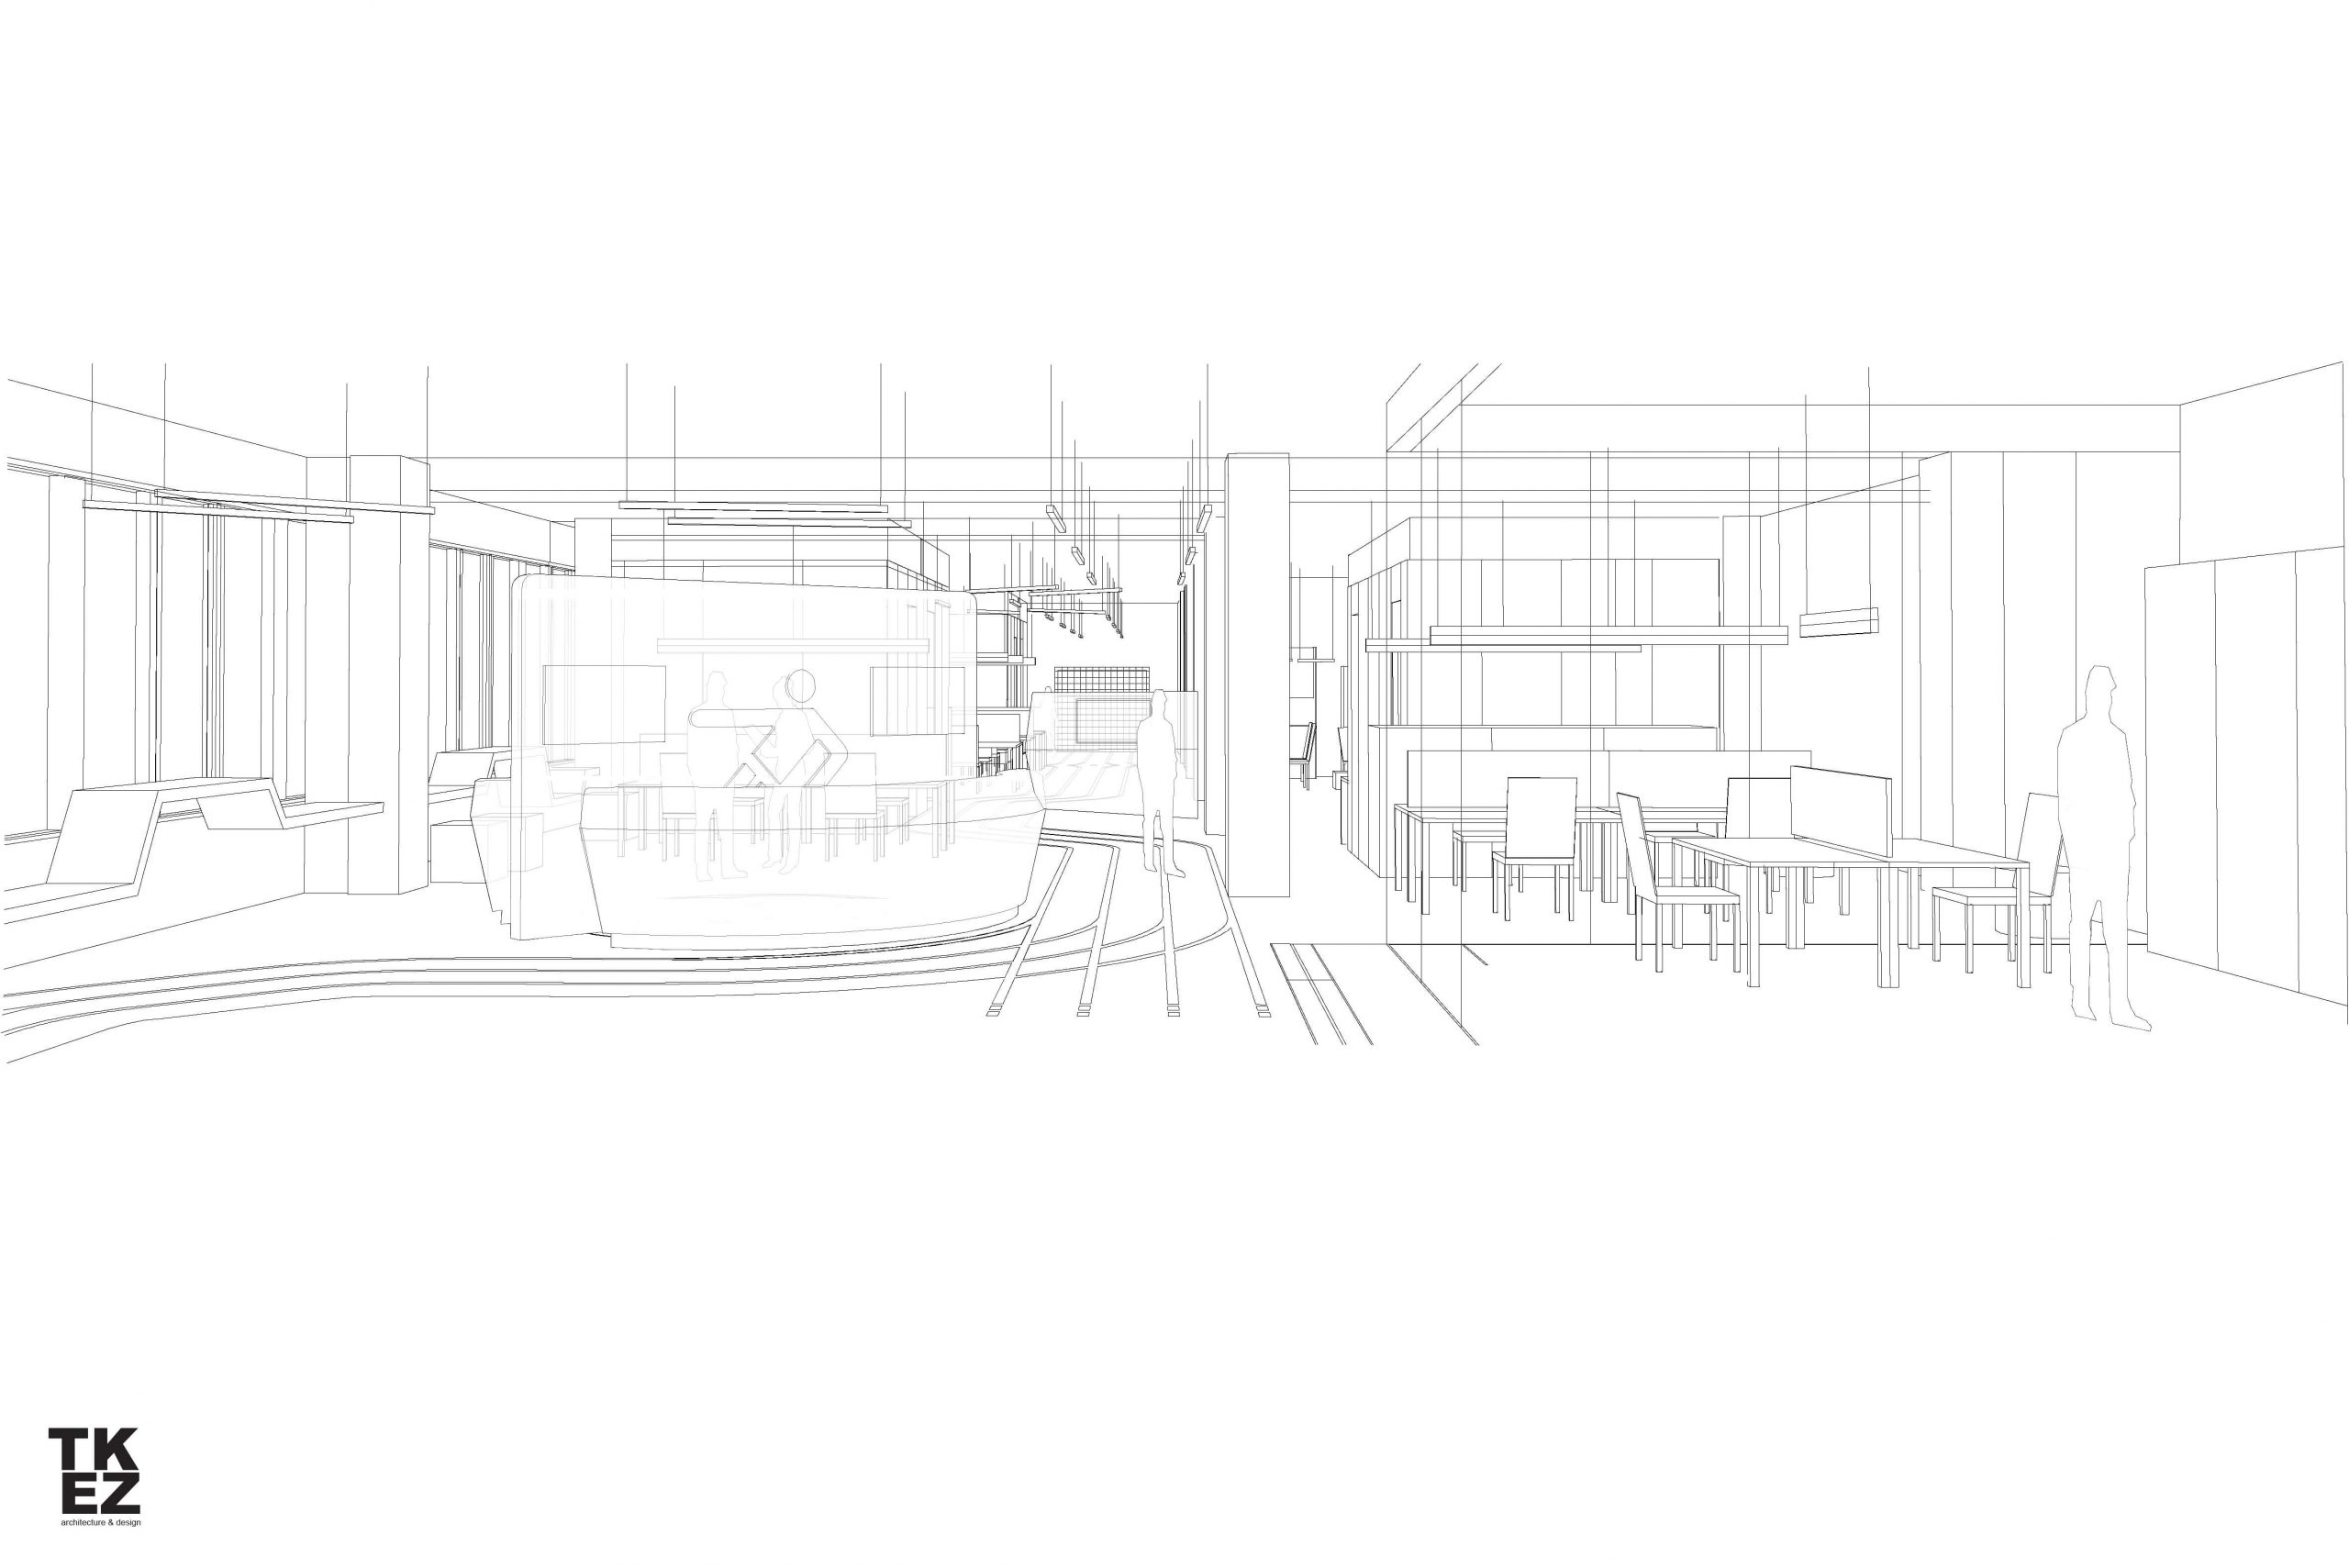 Startup Onefootball Office Design TKEZ Architekten Zeichnung 3D